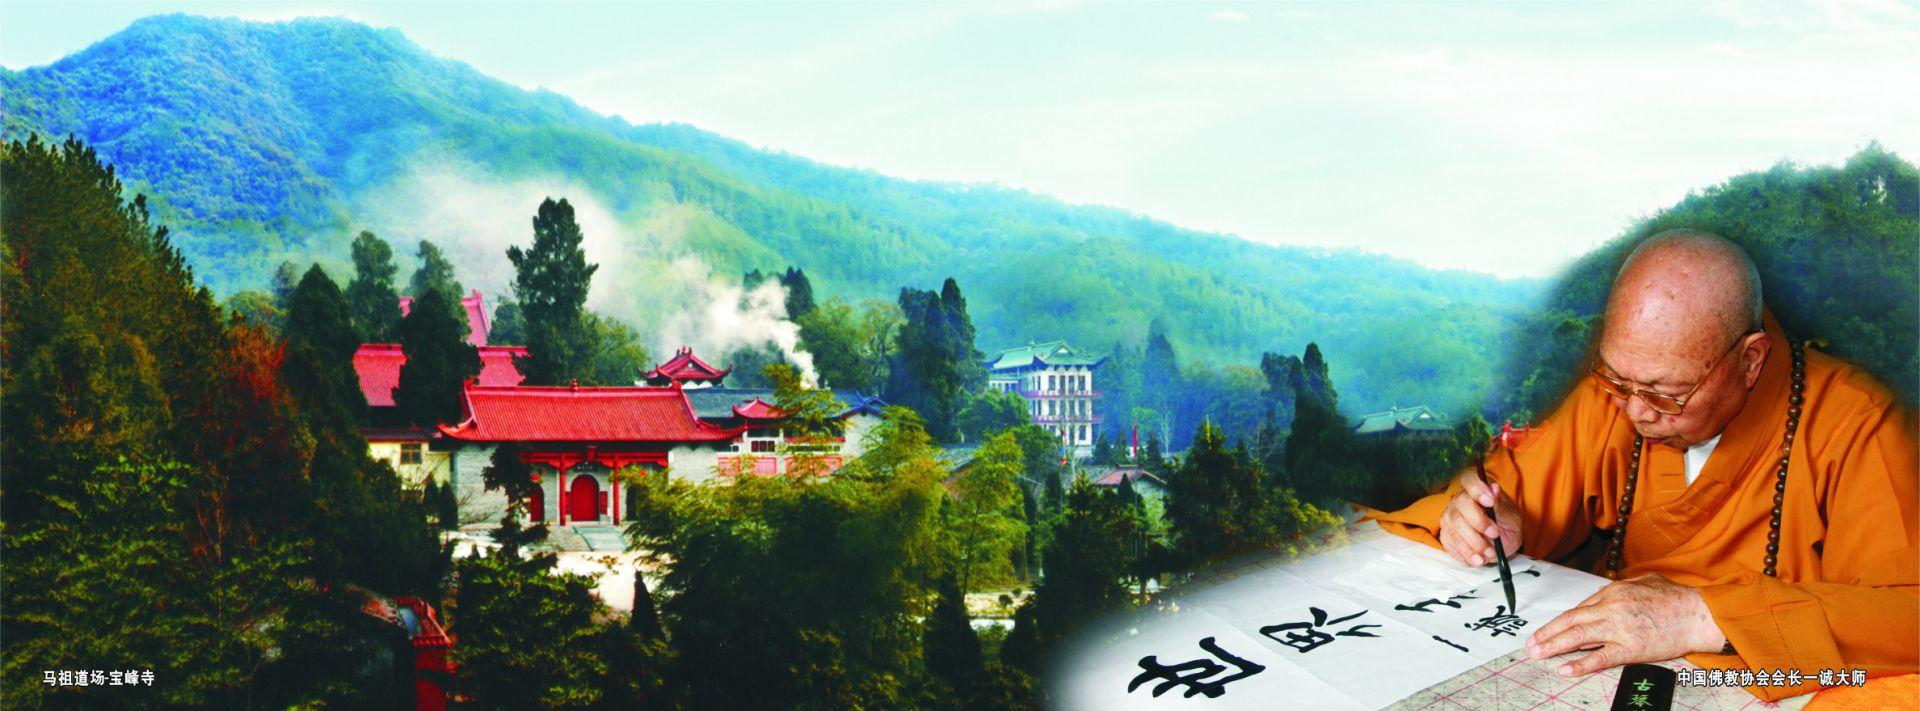 靖安宝峰寺